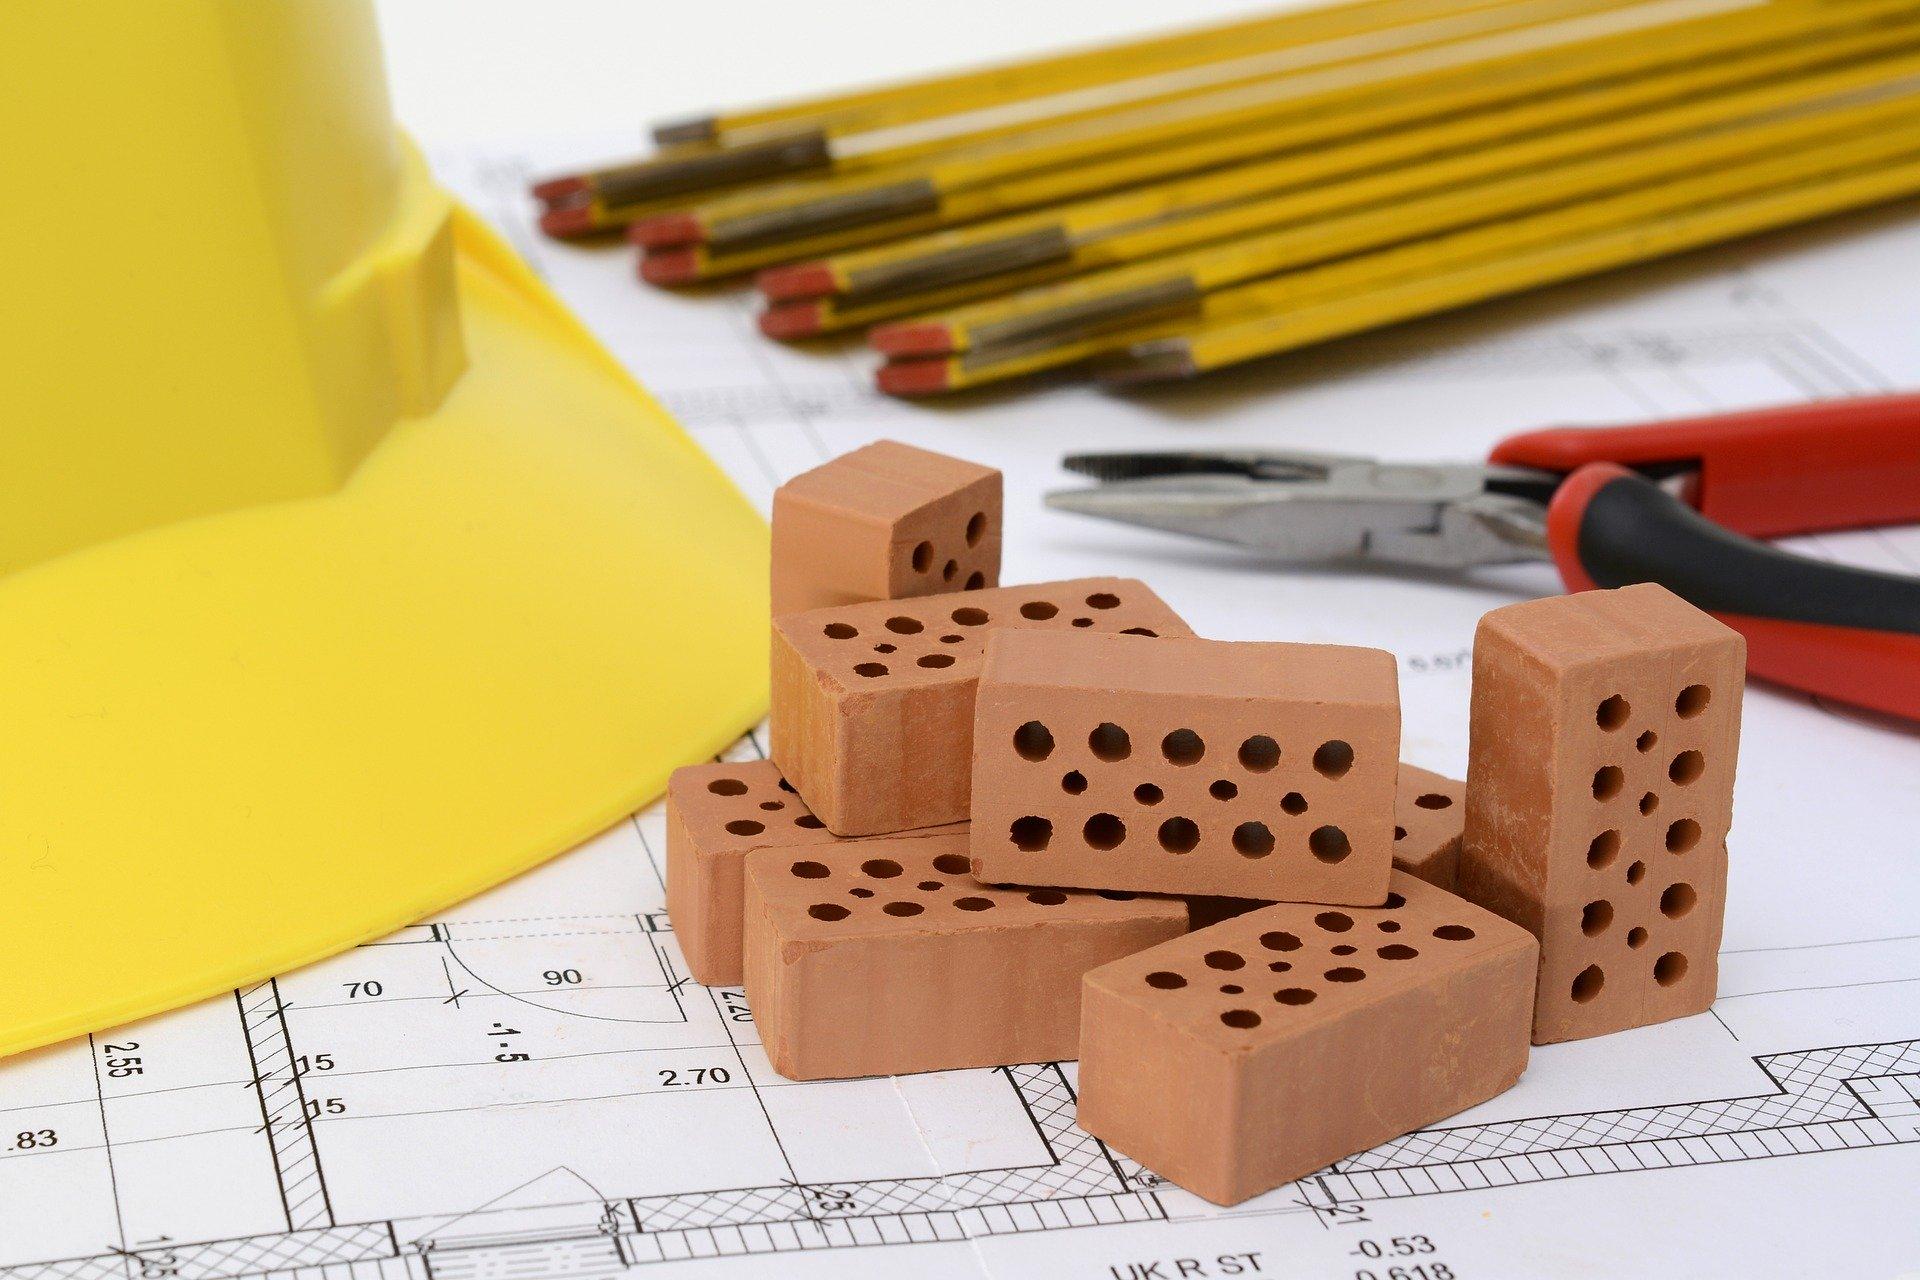 Aktuelle Fragestunde | Leistbares Wohnen – Überprüfung der Baustandards